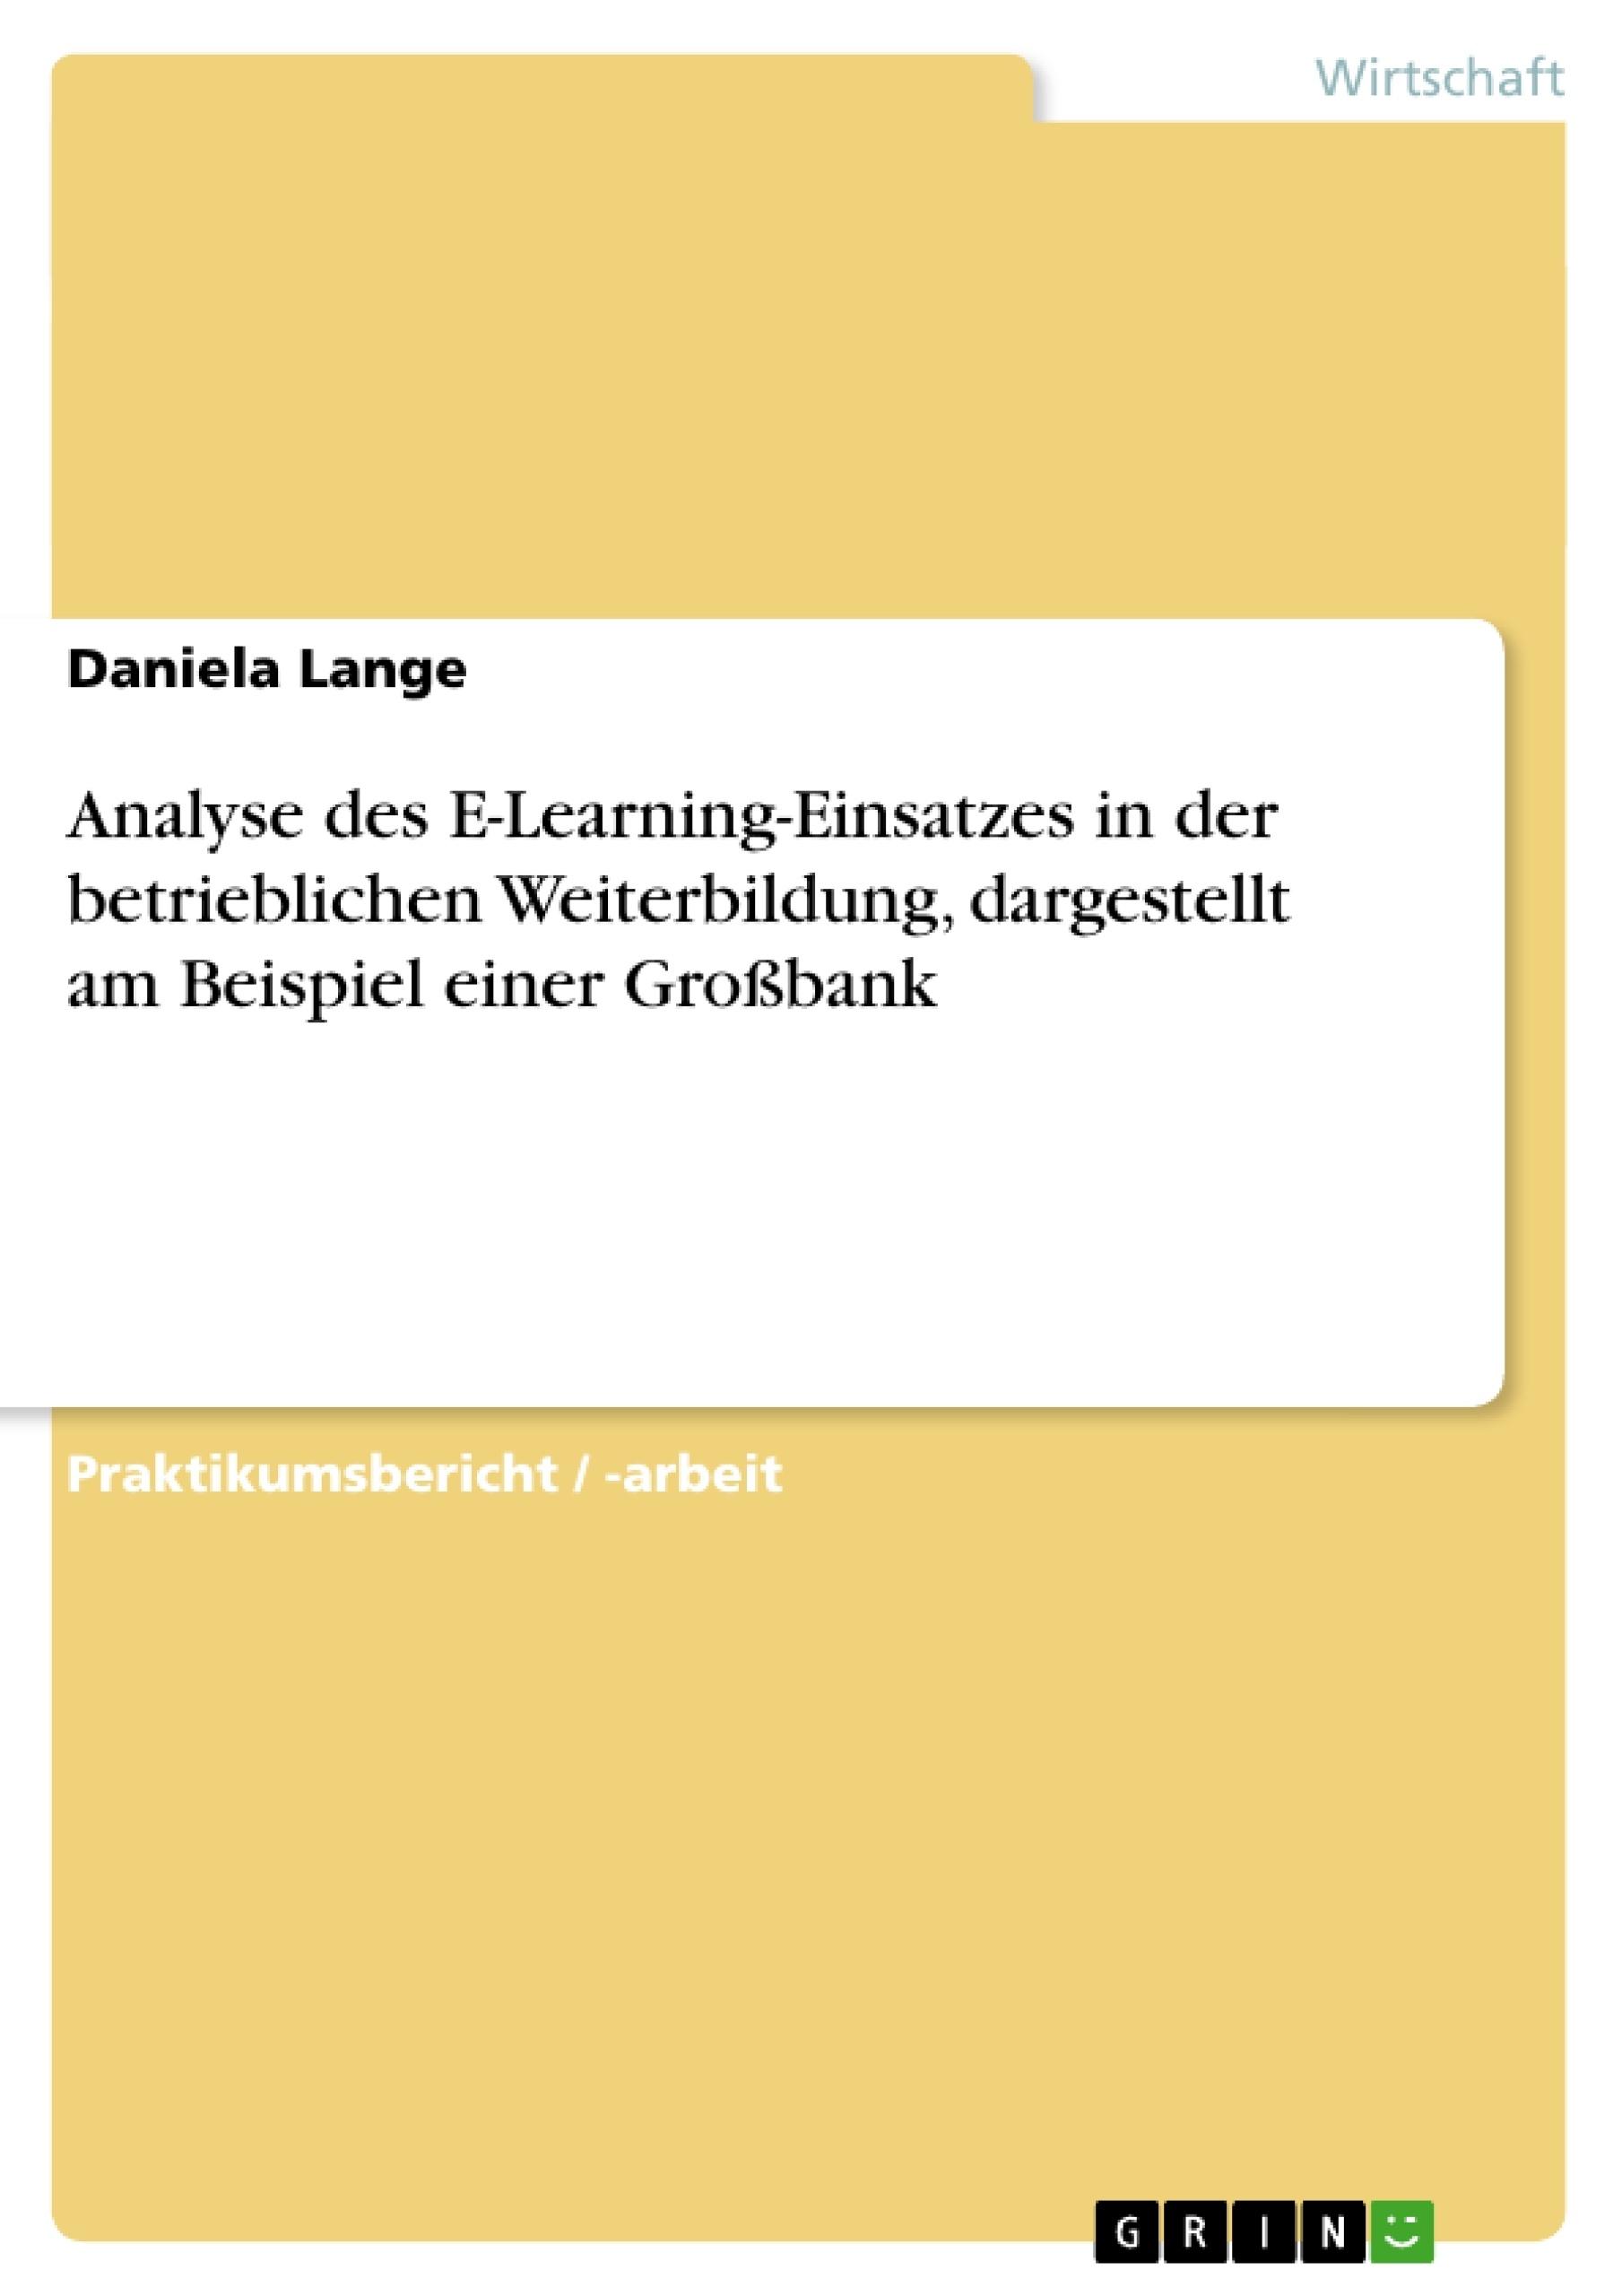 Titel: Analyse des E-Learning-Einsatzes in der betrieblichen Weiterbildung, dargestellt am Beispiel einer Großbank